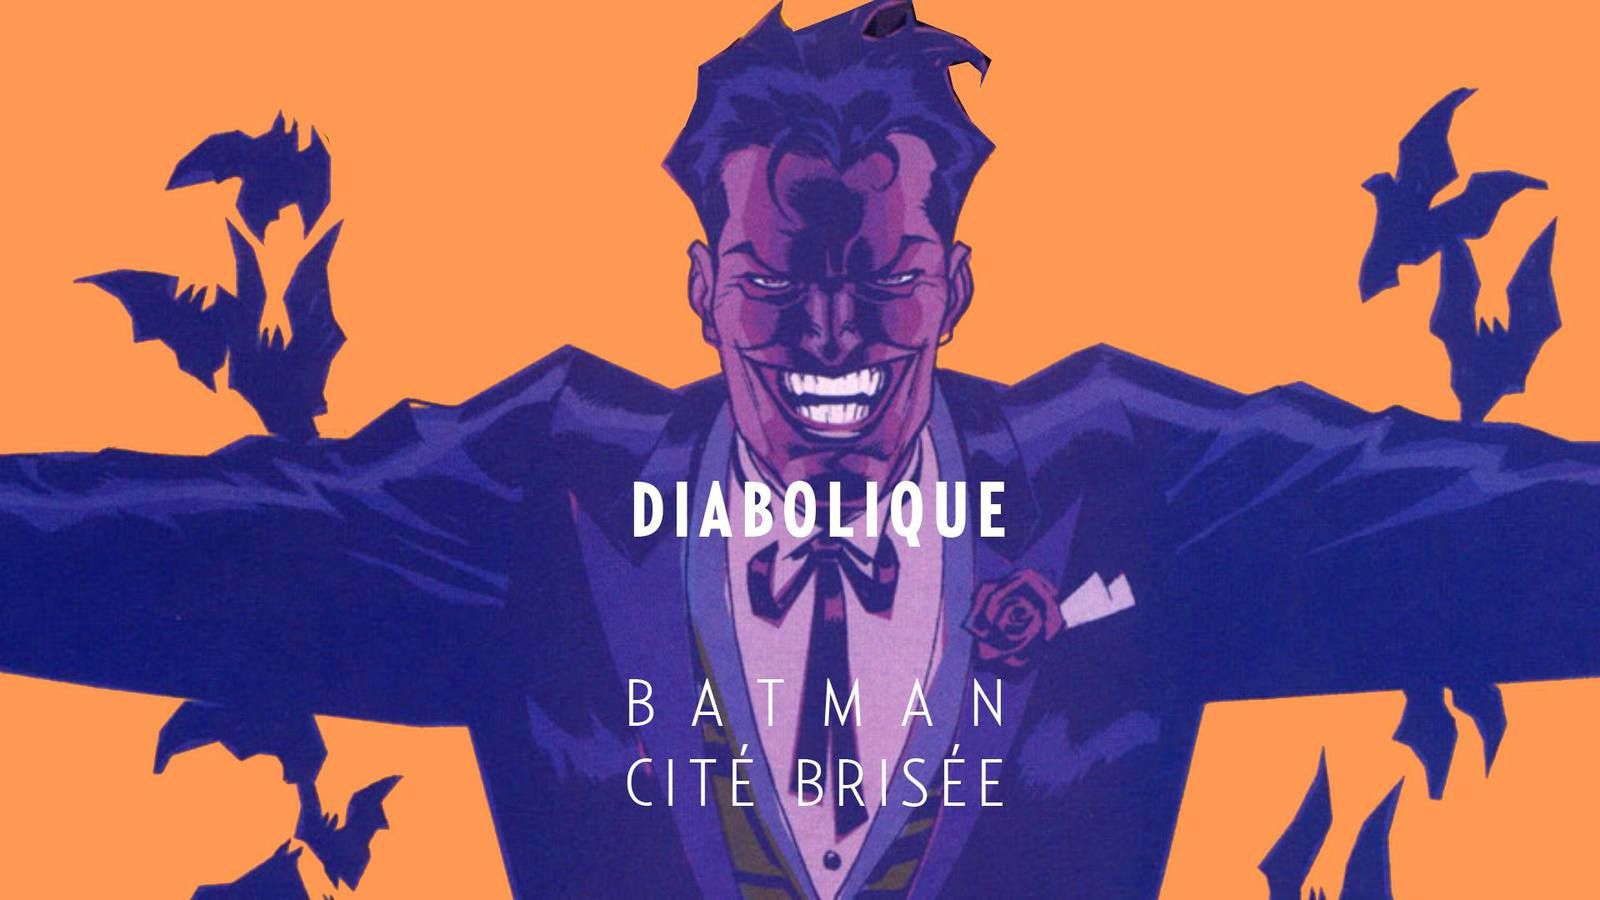 Batman : Cité Brisée à décovurir en mai !